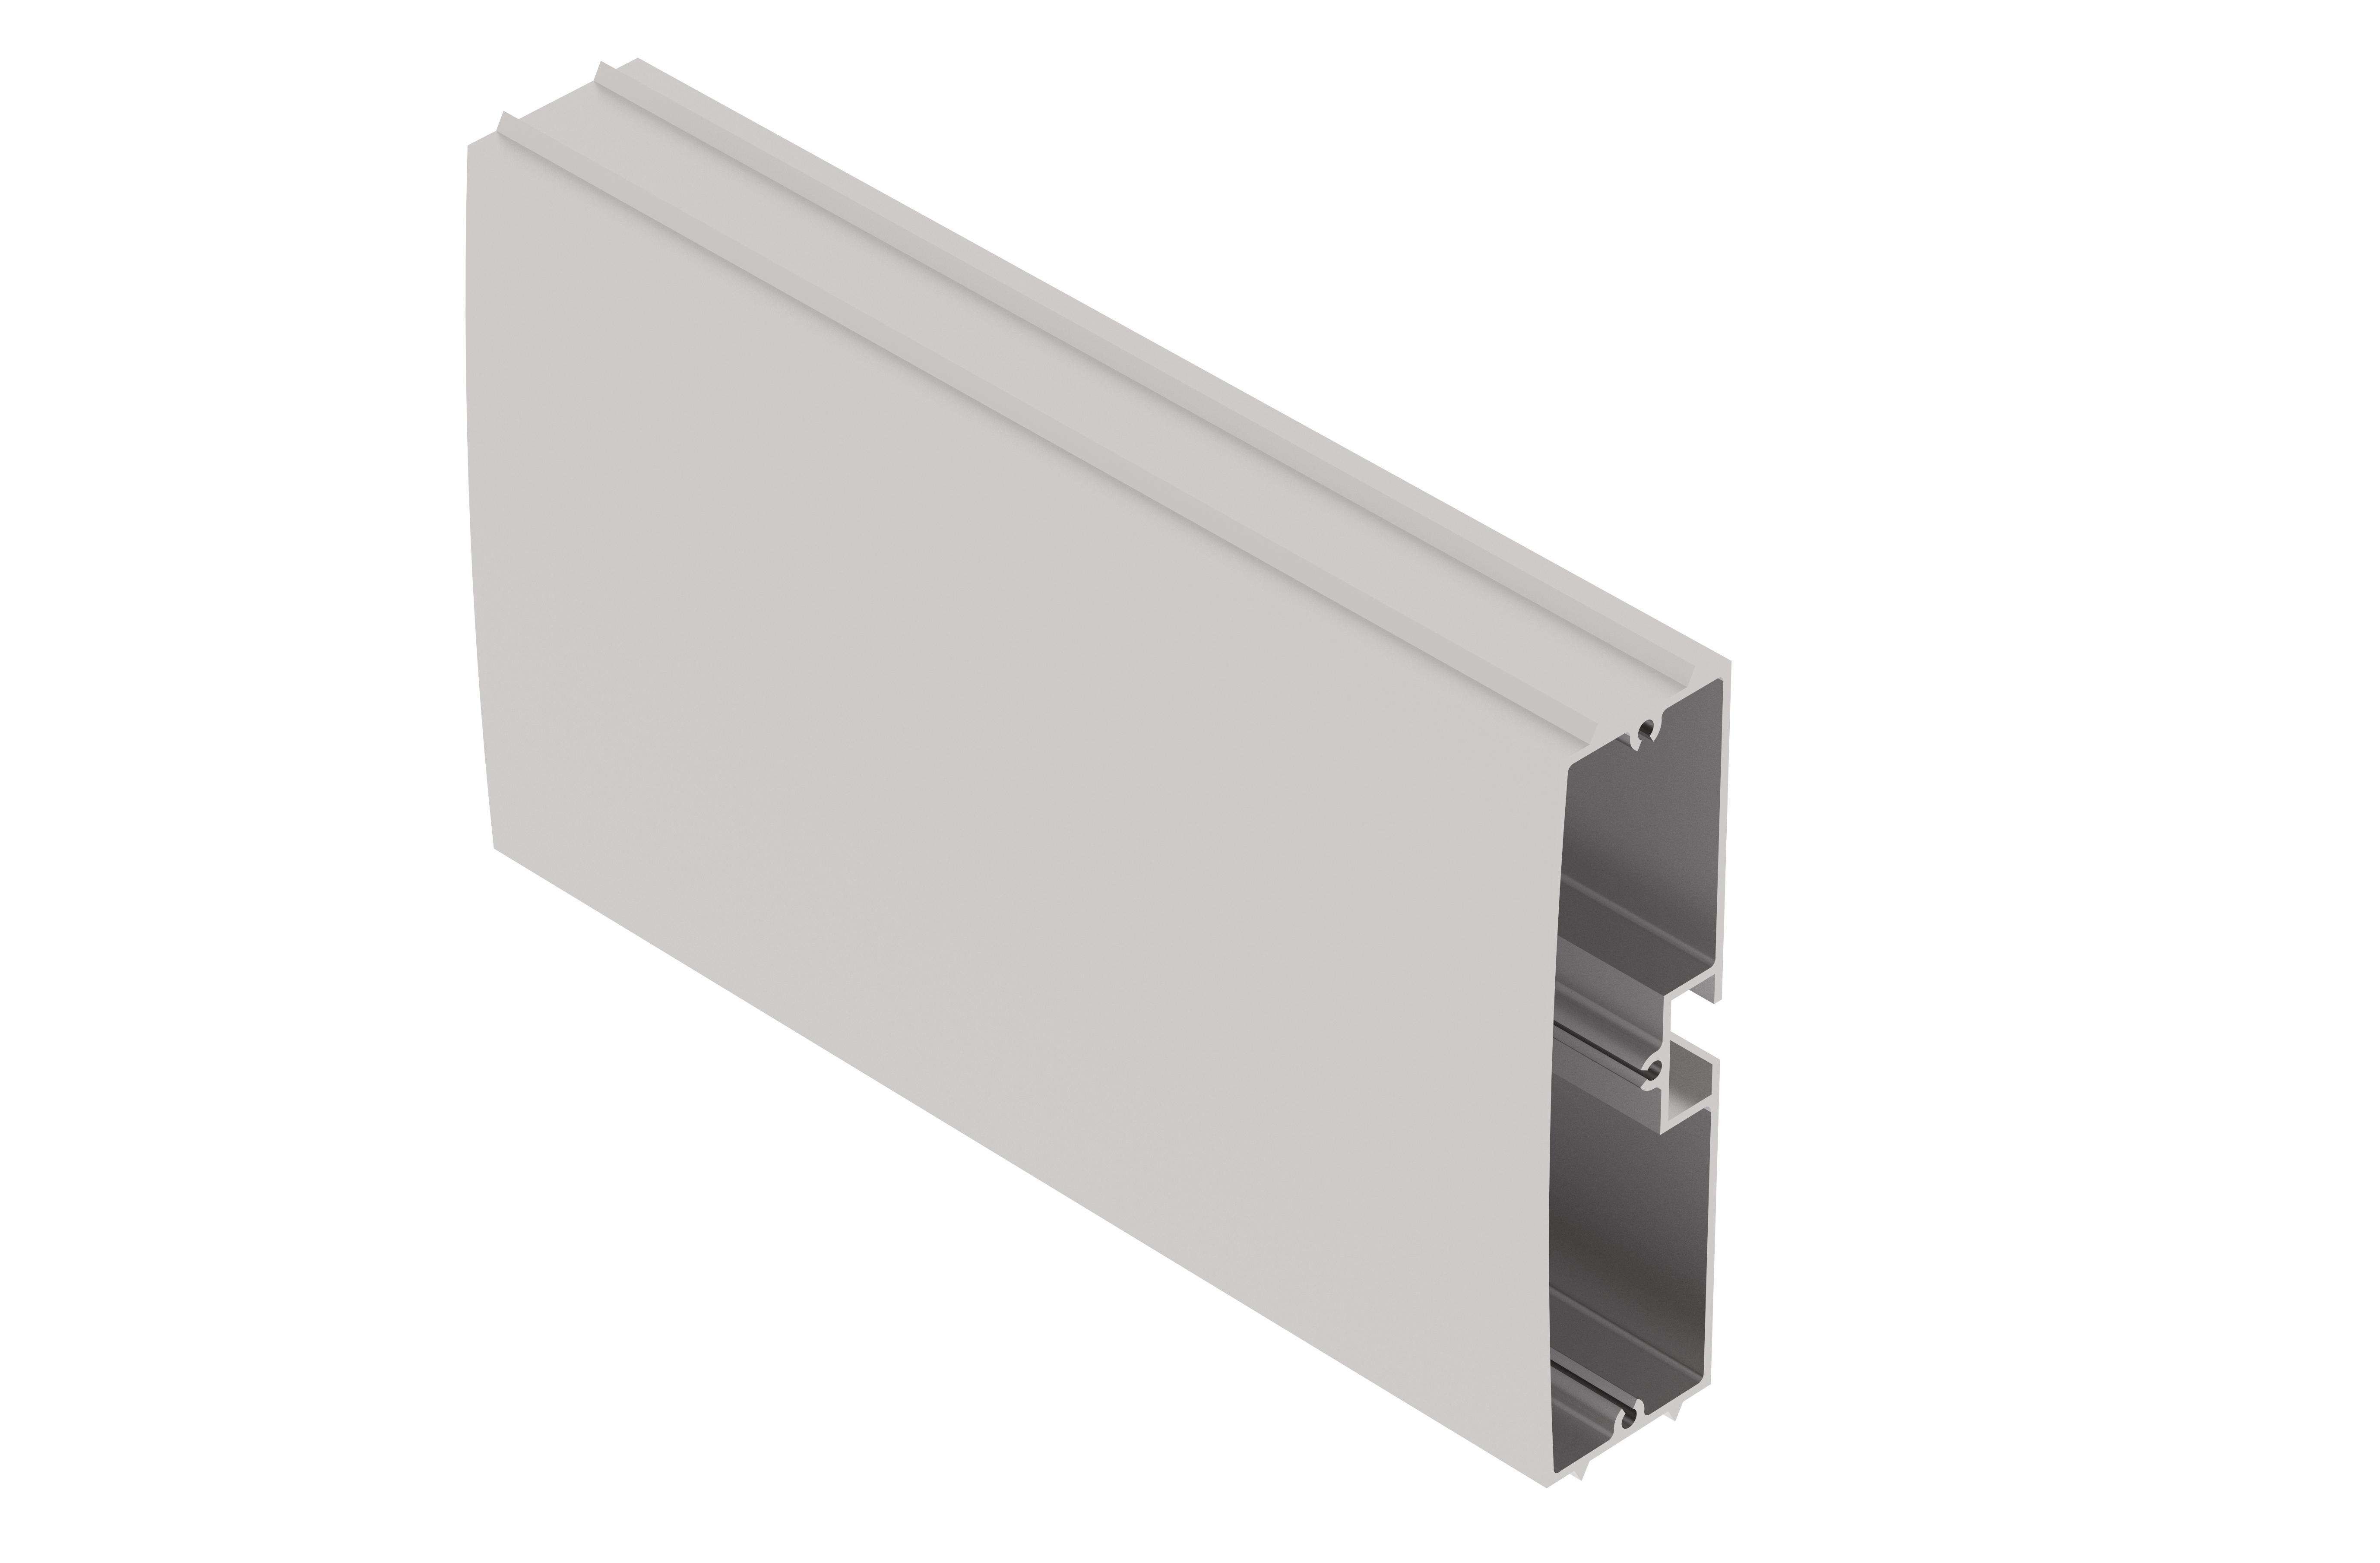 Sign Frame Aluminium Extrusion Centre (150 x 3600mm)